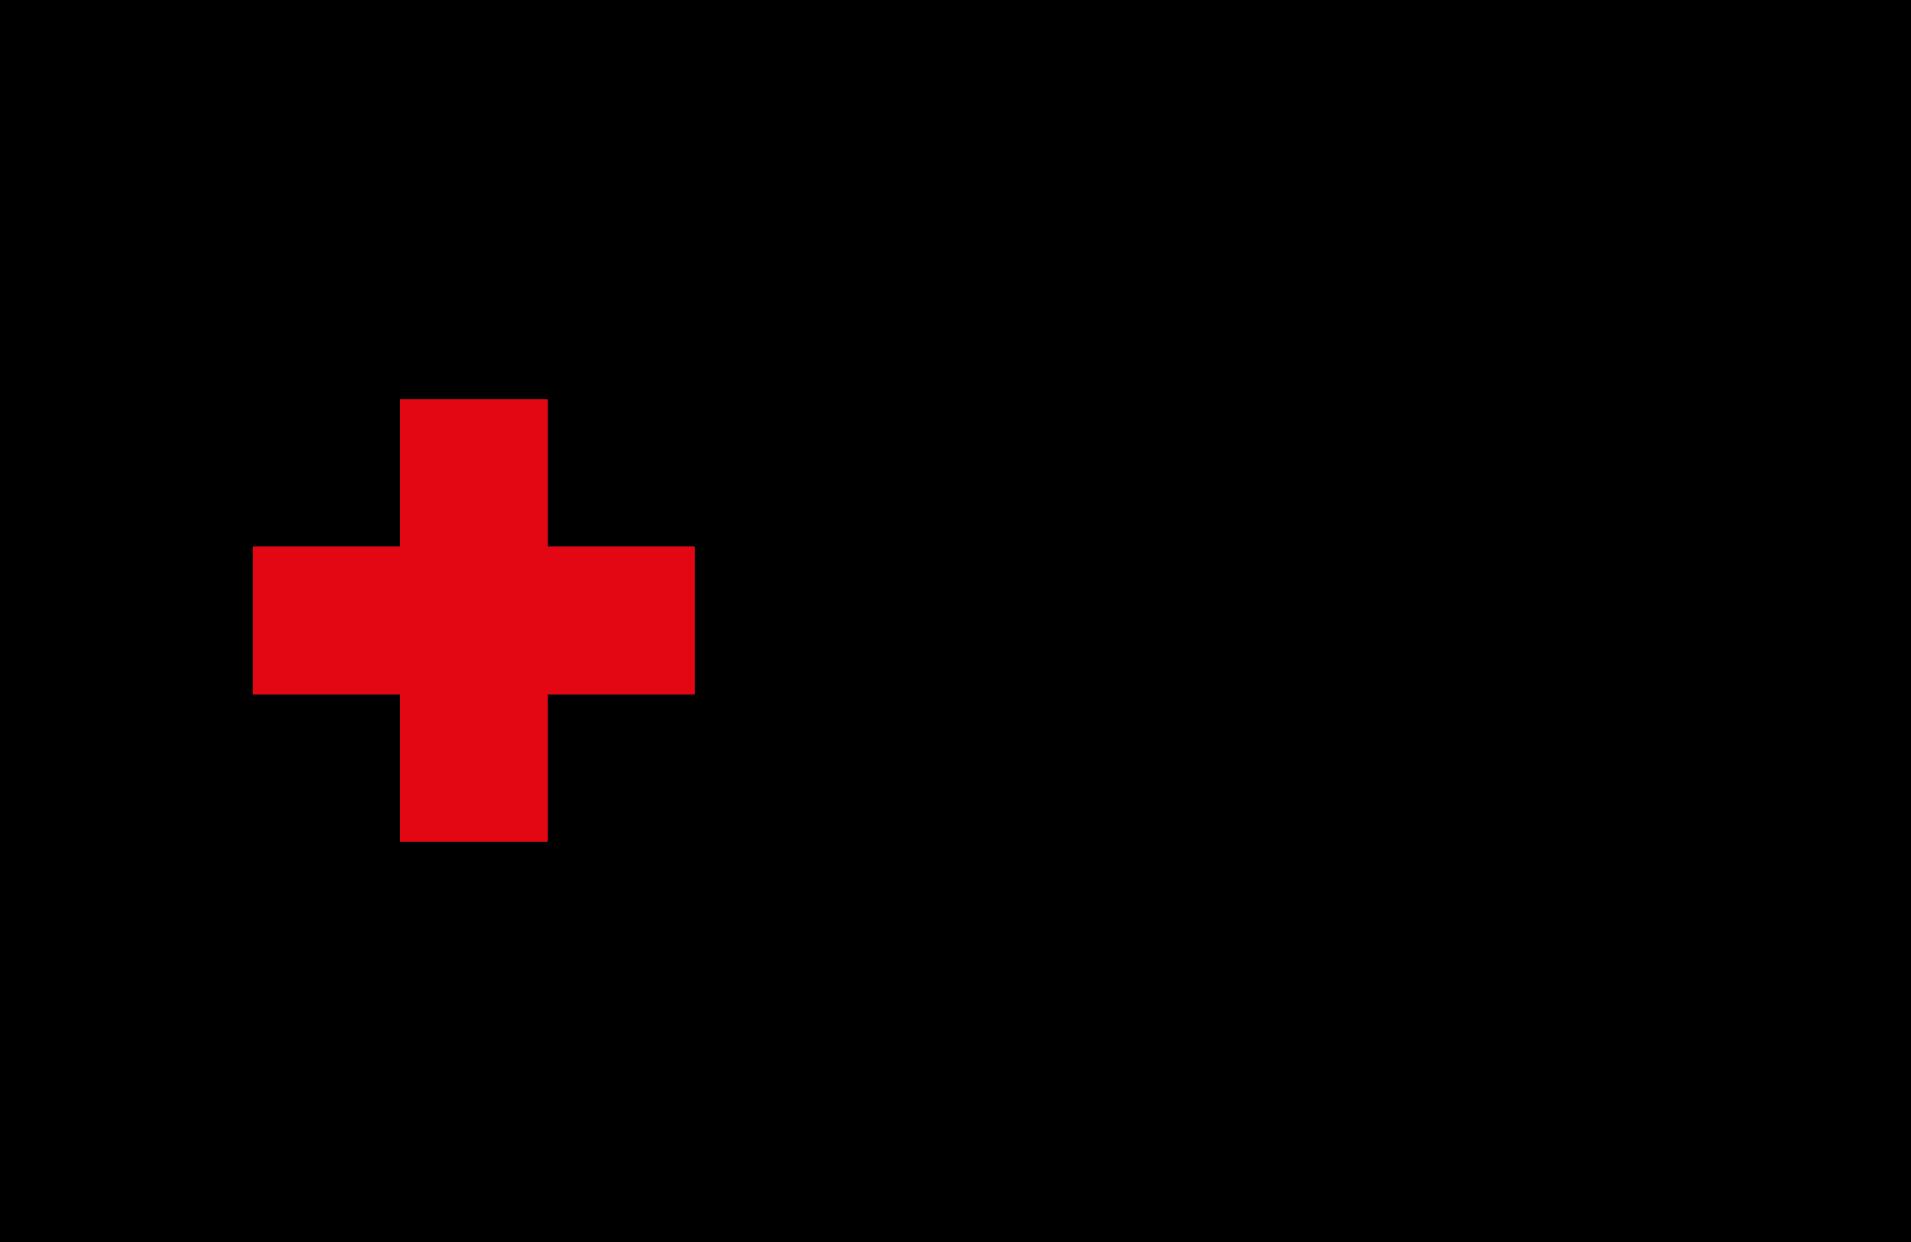 drk-logo.png